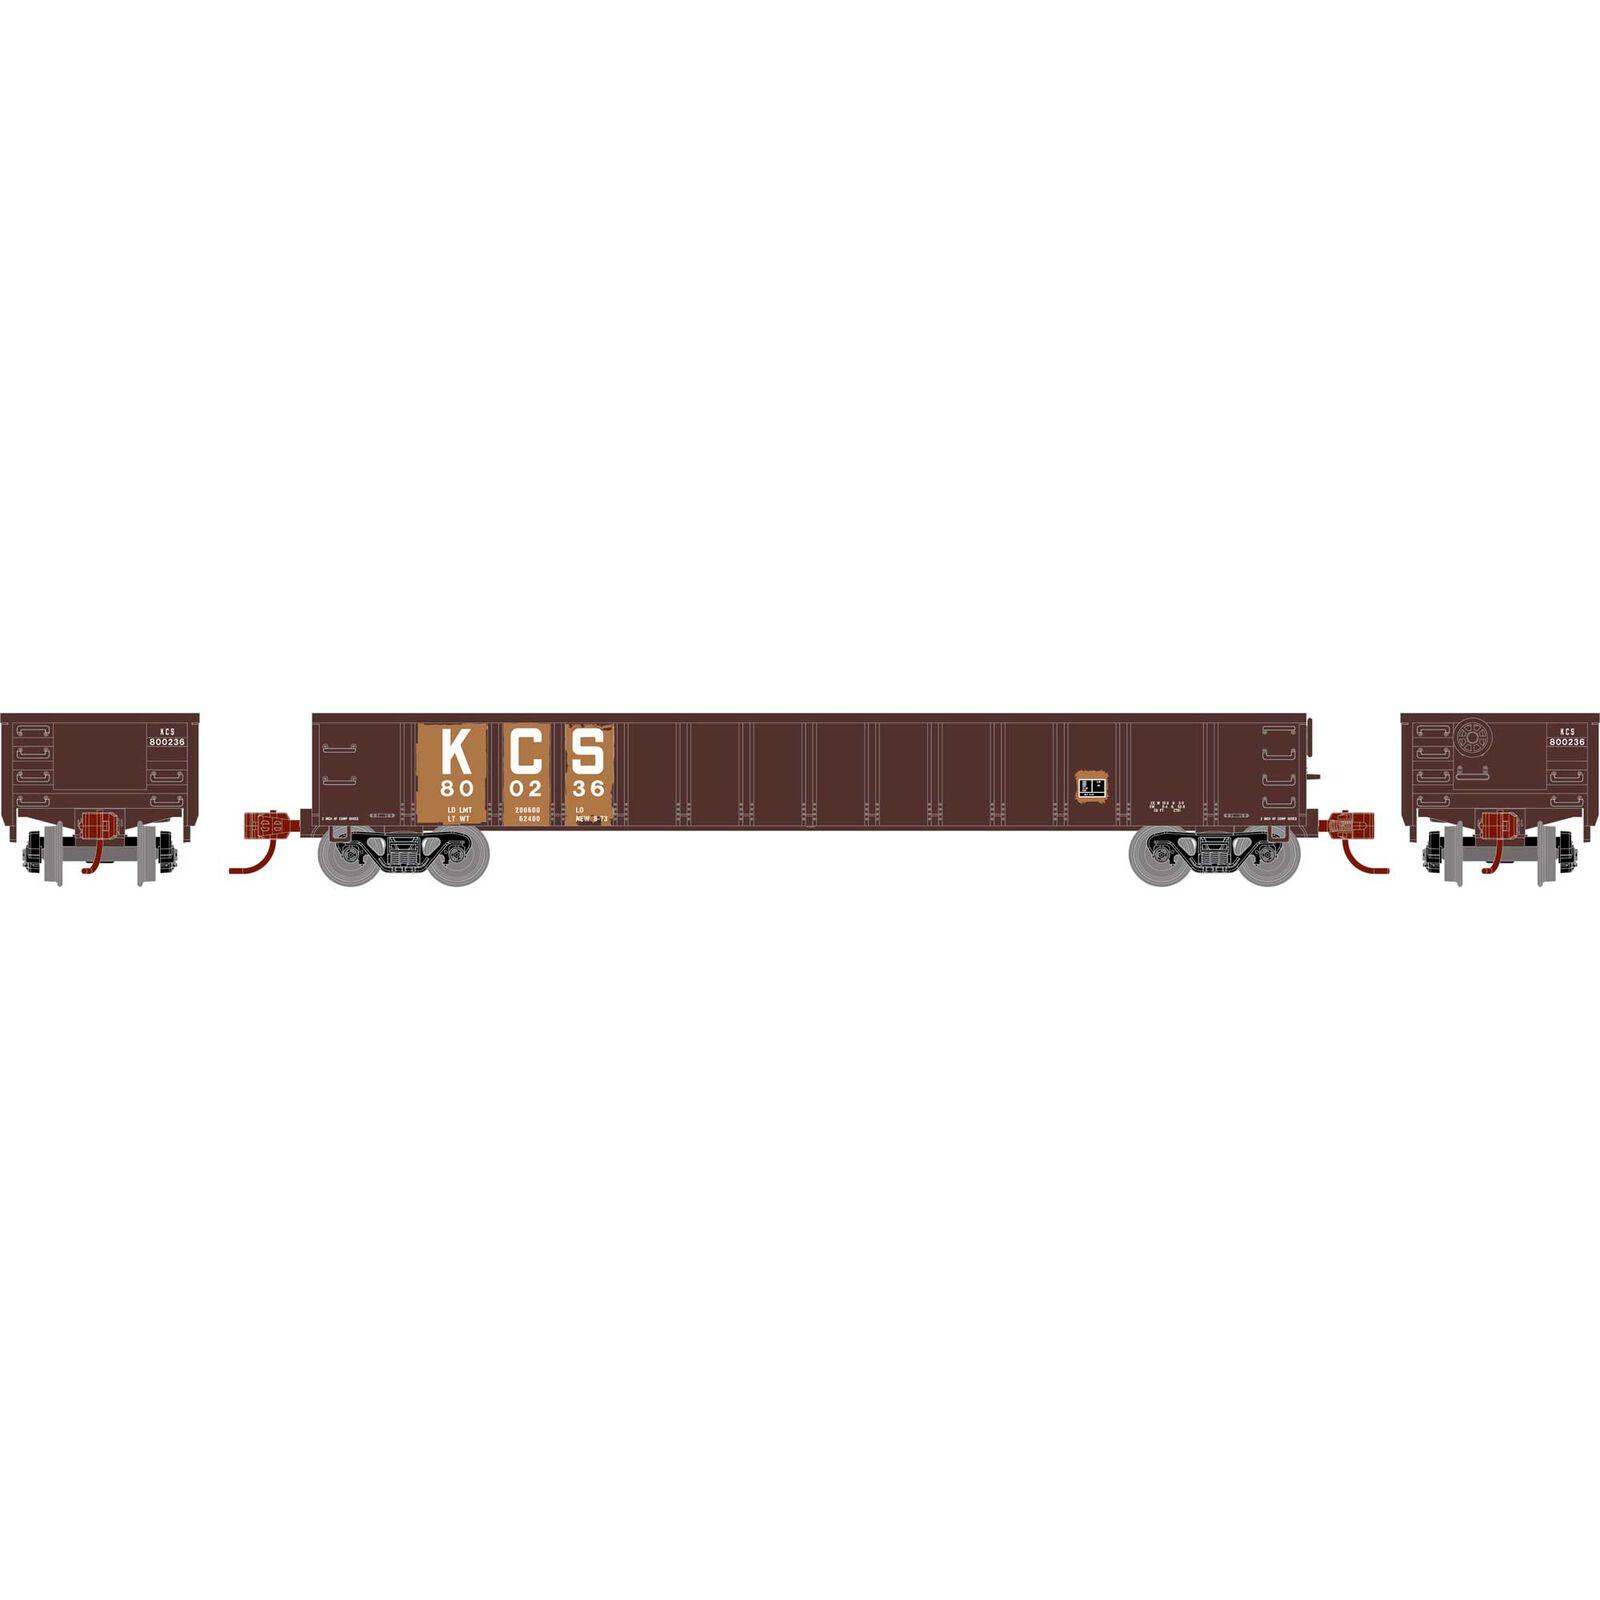 N 52' Mill Gondola, KCS #800236